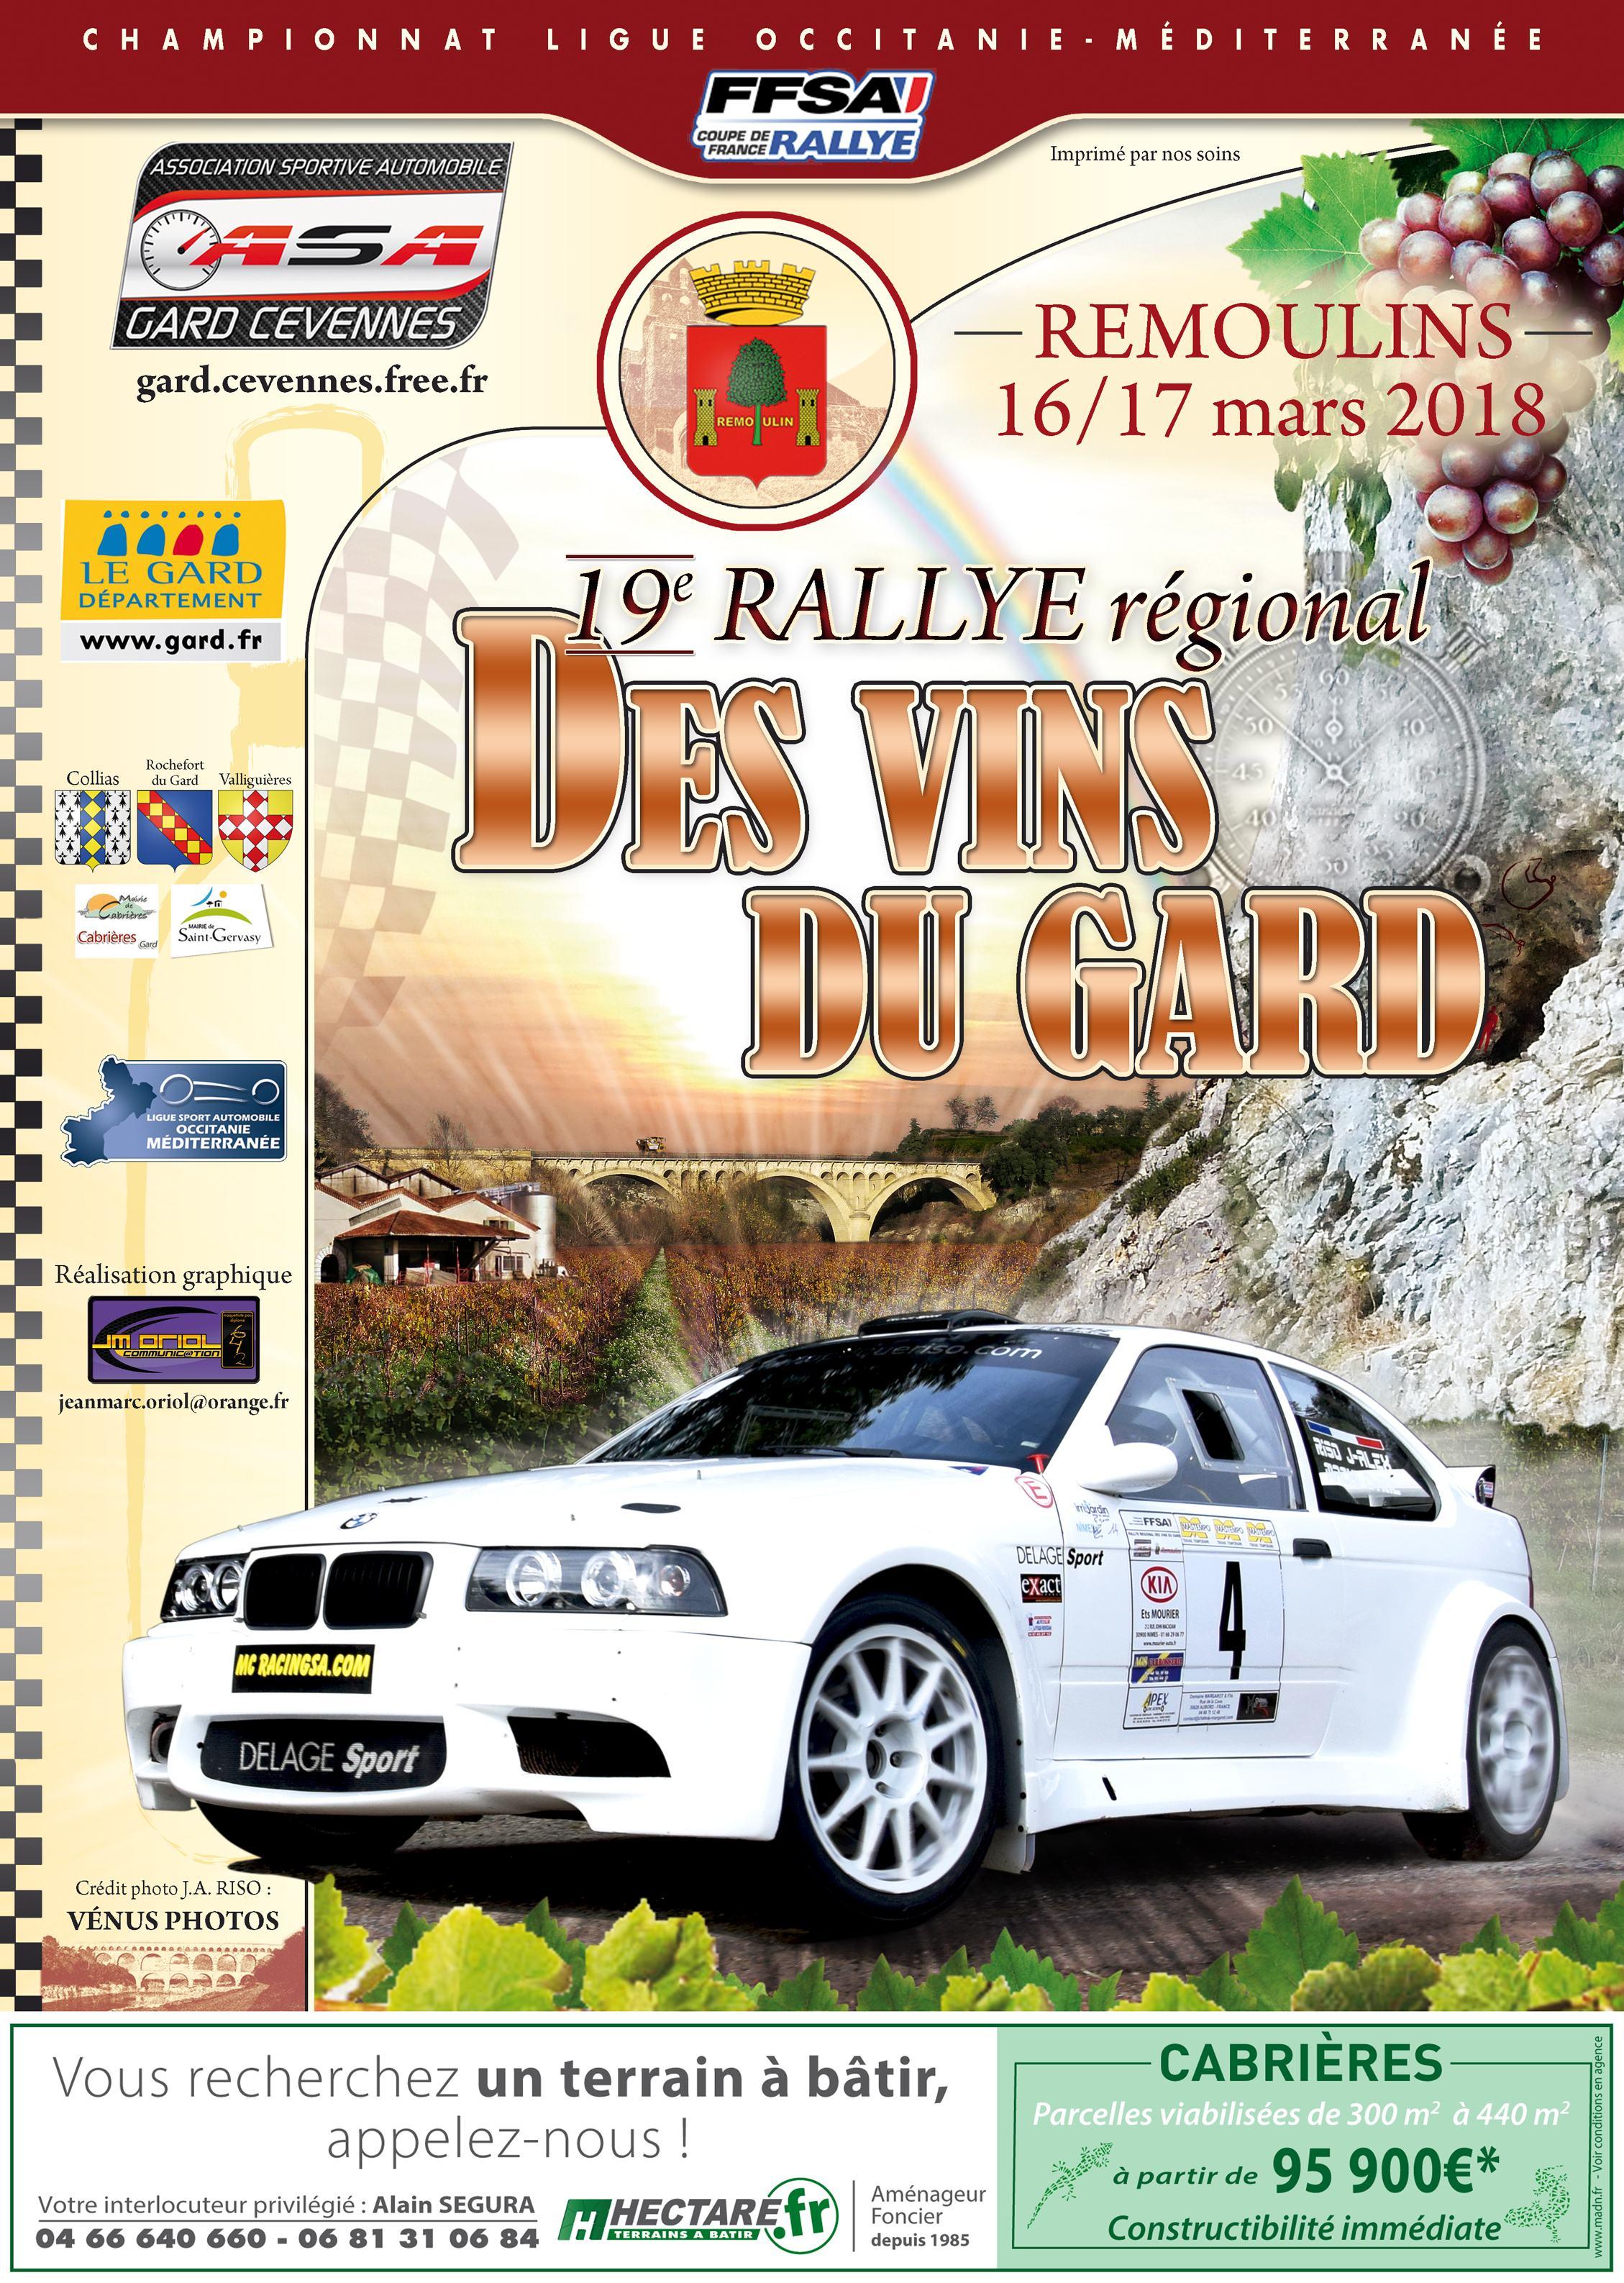 Rallygo 2018